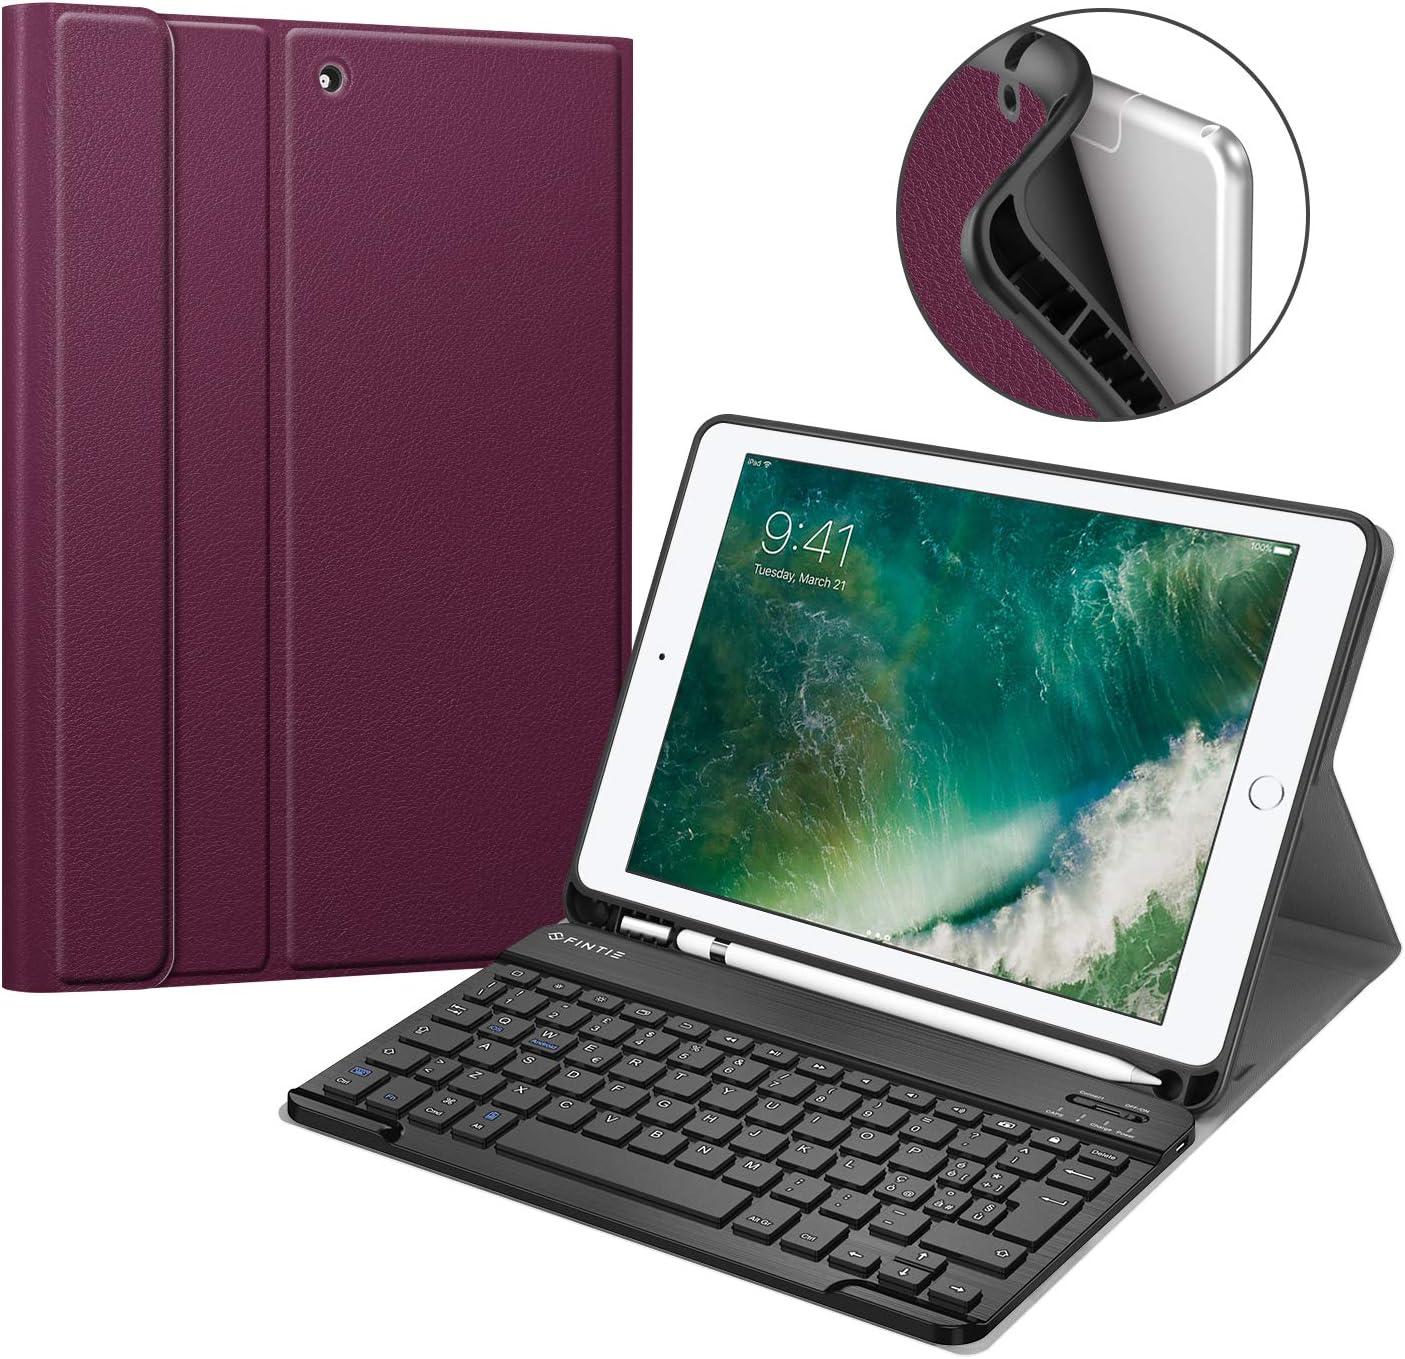 Funda con teclado Fintie para iPad 9.7 2018 (Violeta)